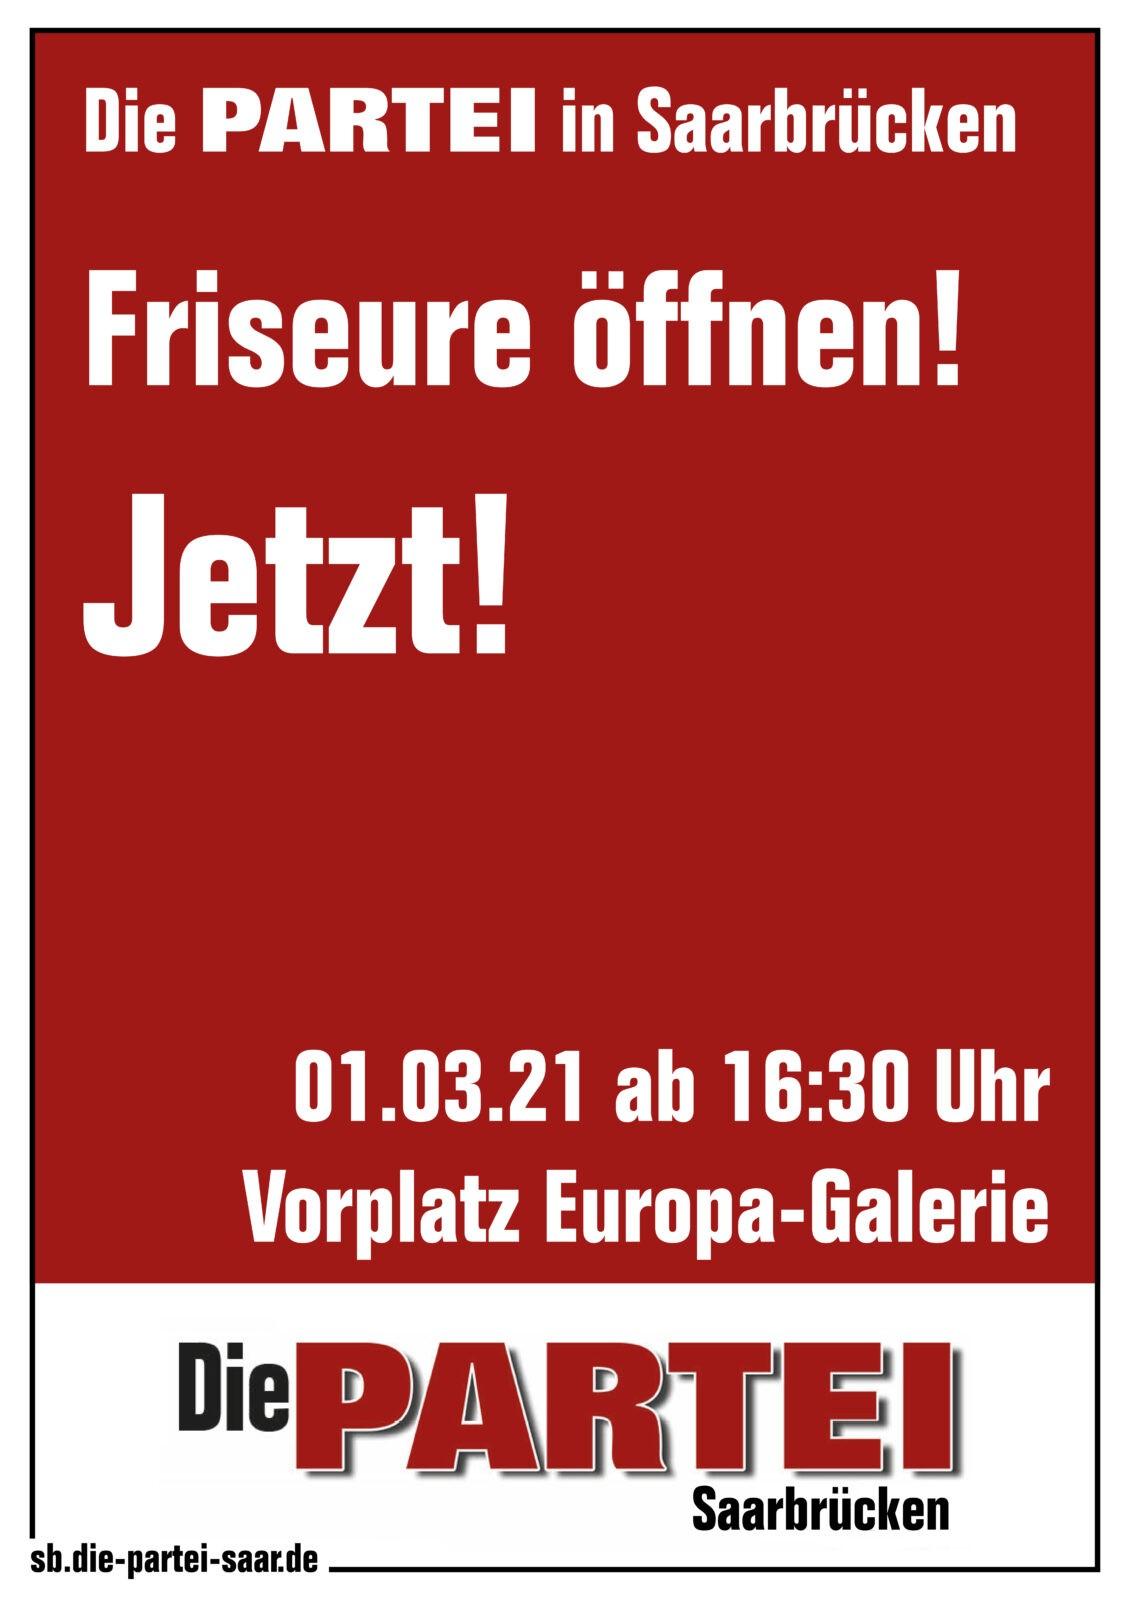 Friseure öffnen – jetzt! Die PARTEI in Saarbrücken